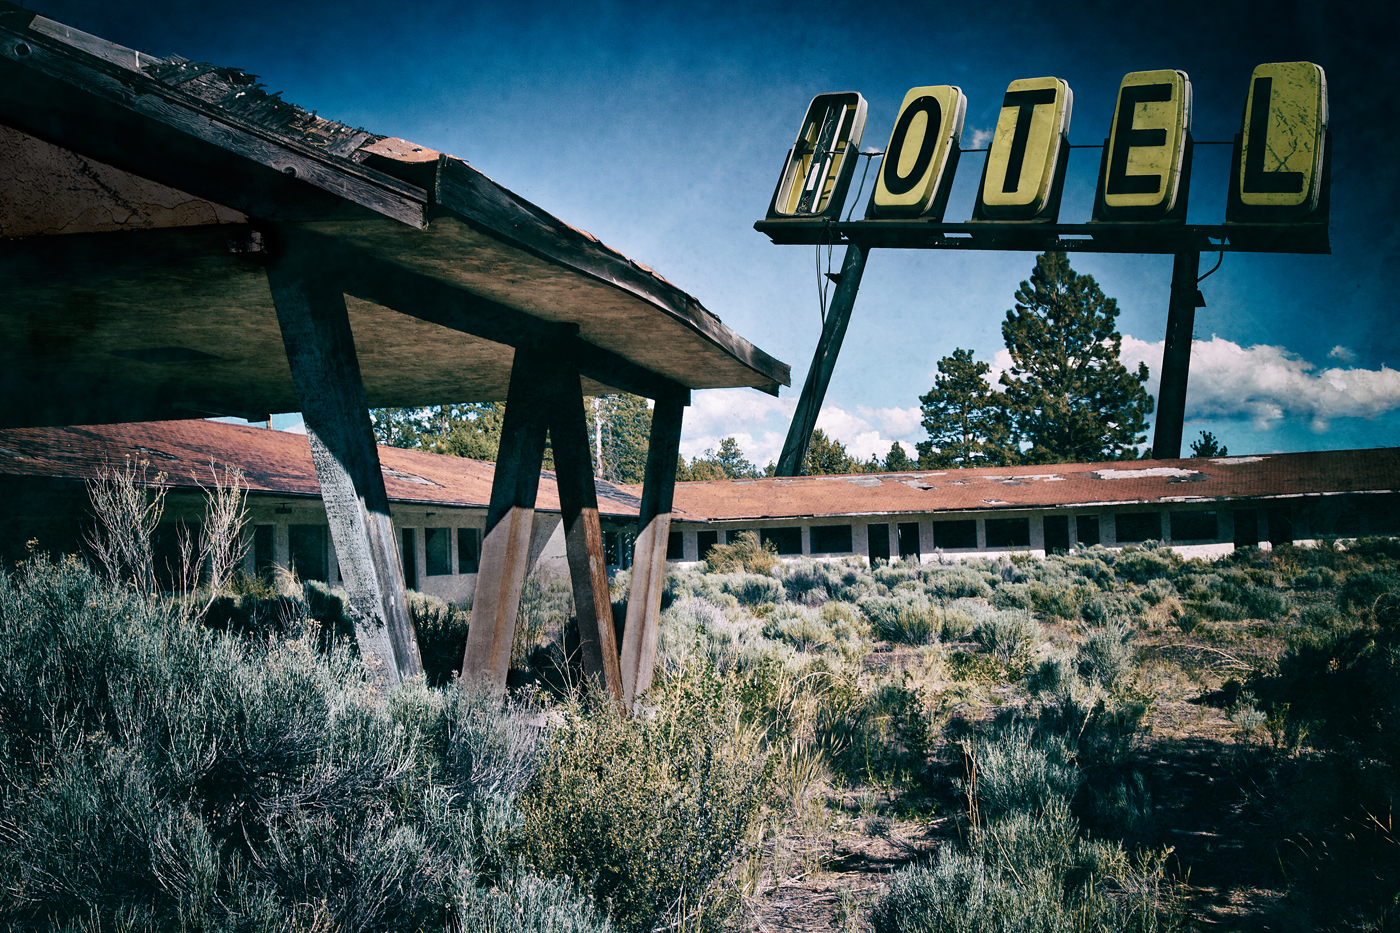 Motel by Nyla James